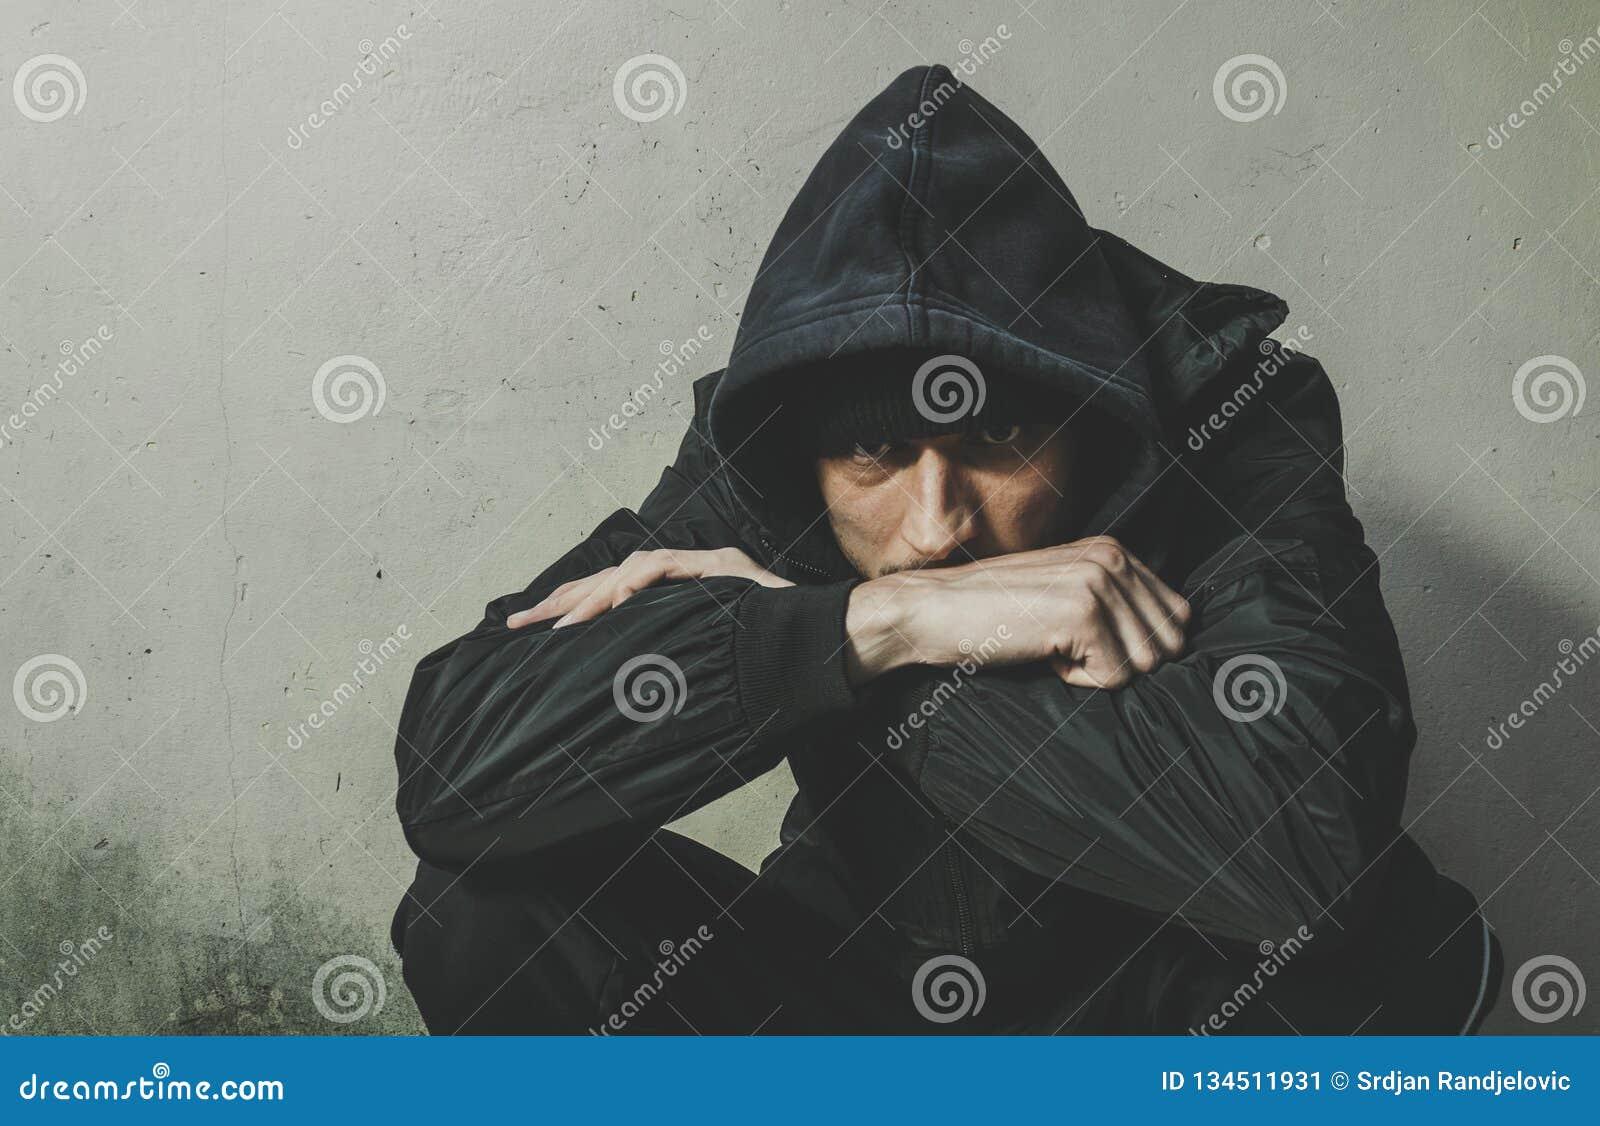 De dakloze van de mensendrug en alcohol verslaafdenzitting alleen en gedeprimeerd op de straat in de winter kleedt het voelen van